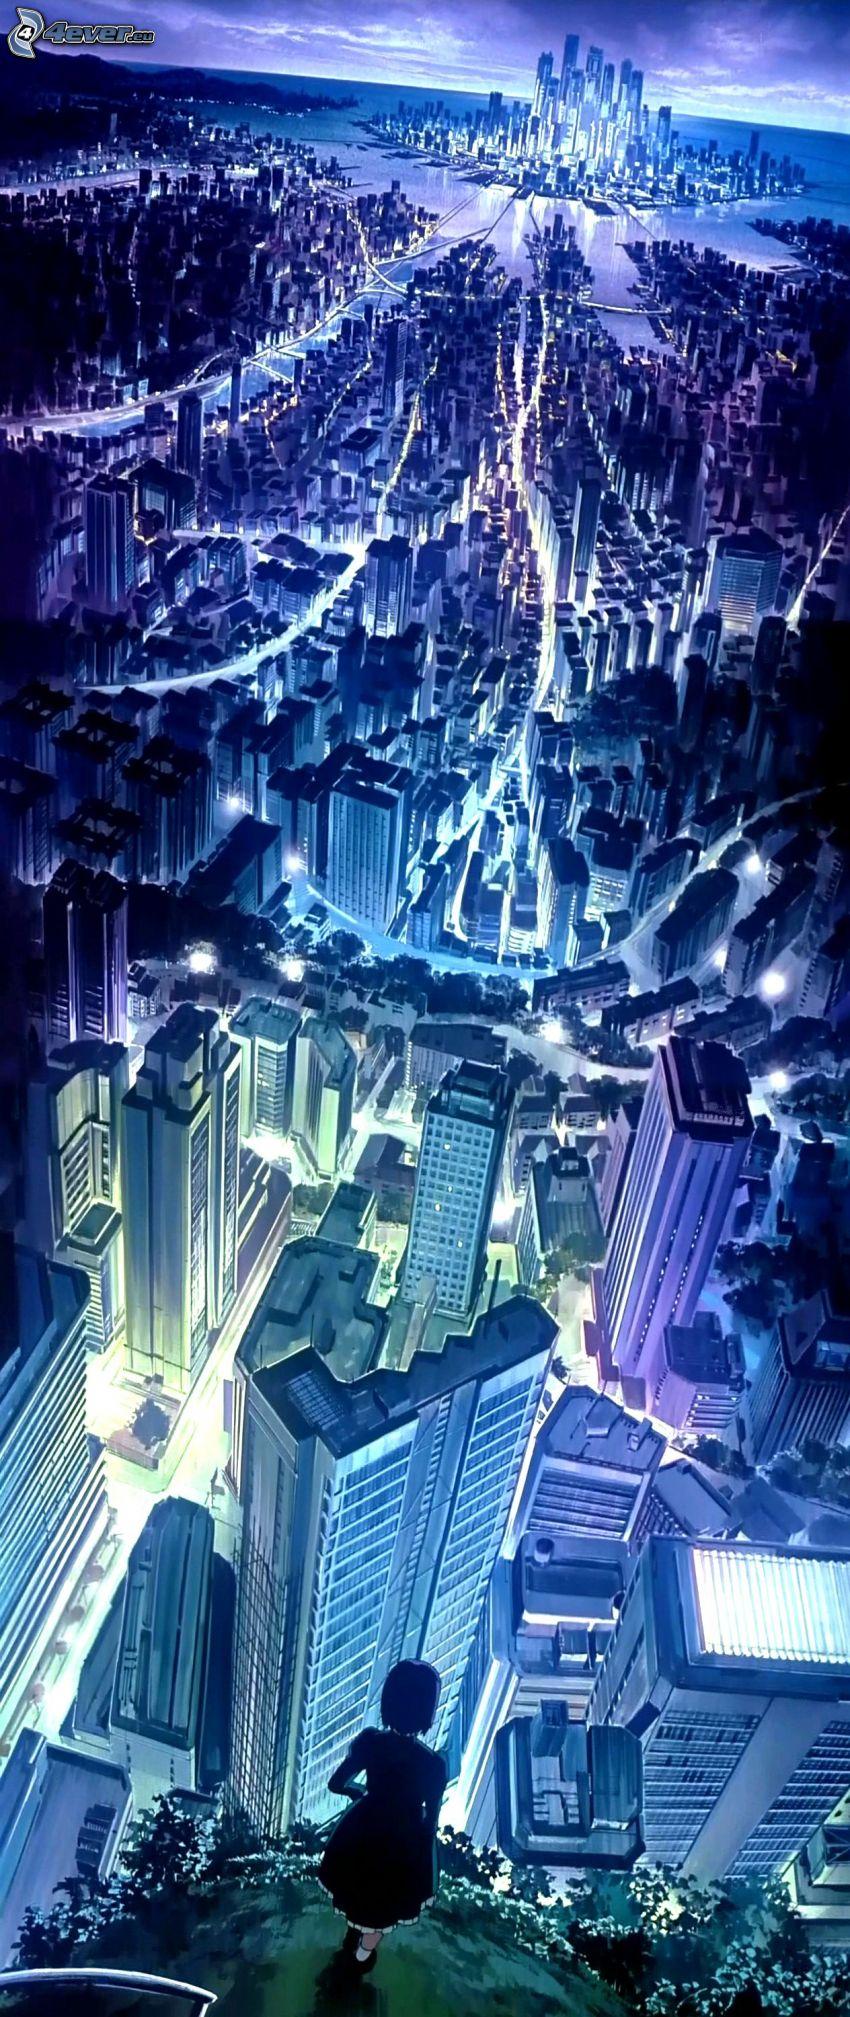 Ciudad de stock, dibujos animados de chica, vistas a la ciudad